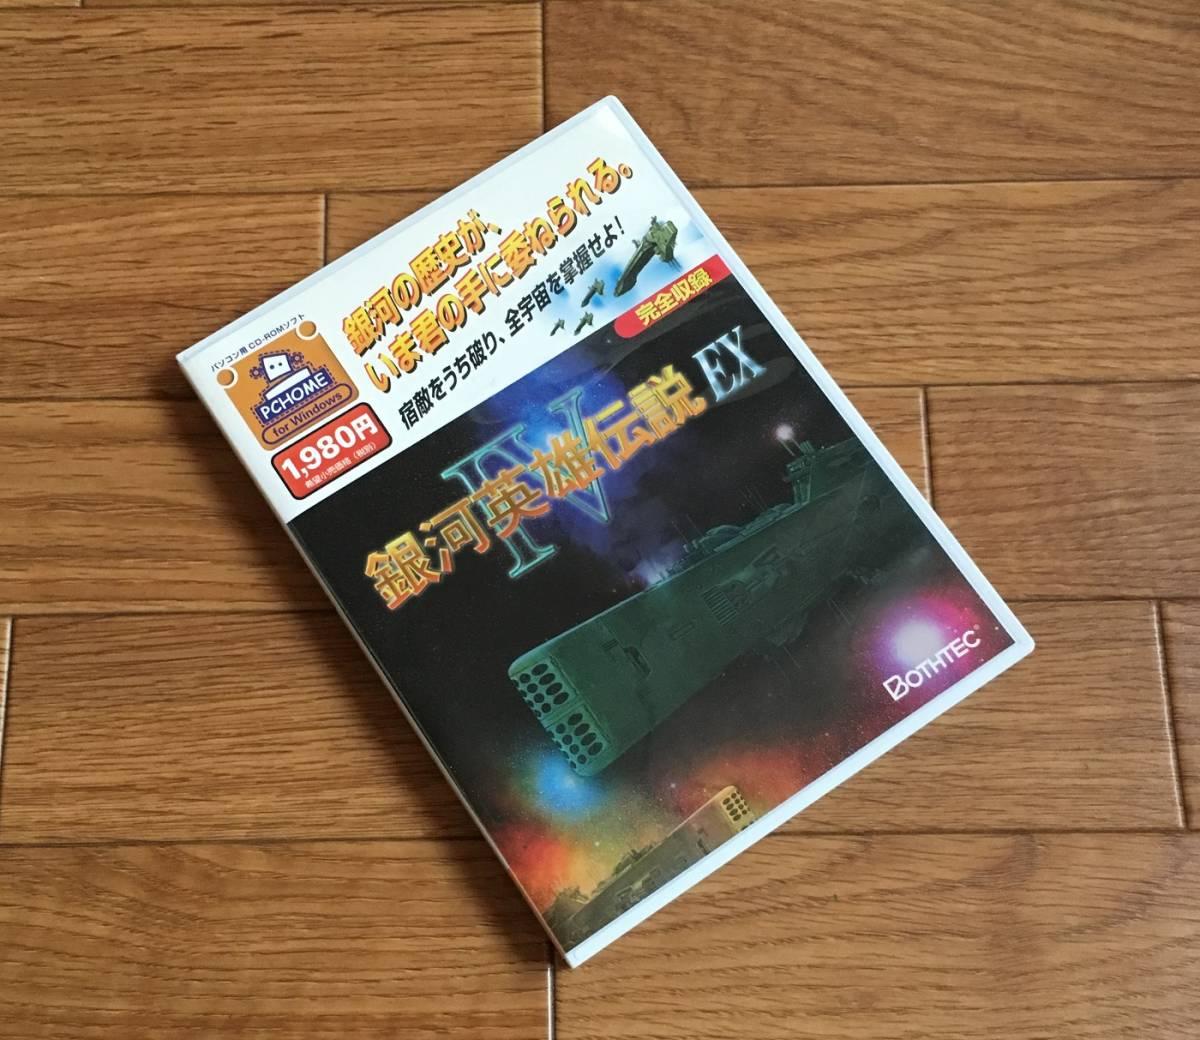 銀河英雄伝説Ⅳ EX ▼▼▼ 銀河英雄伝説4 EX 戦略シミュレーション ソフトウェア CD-ROM 銀英伝 田中芳樹 希少品 超レア物